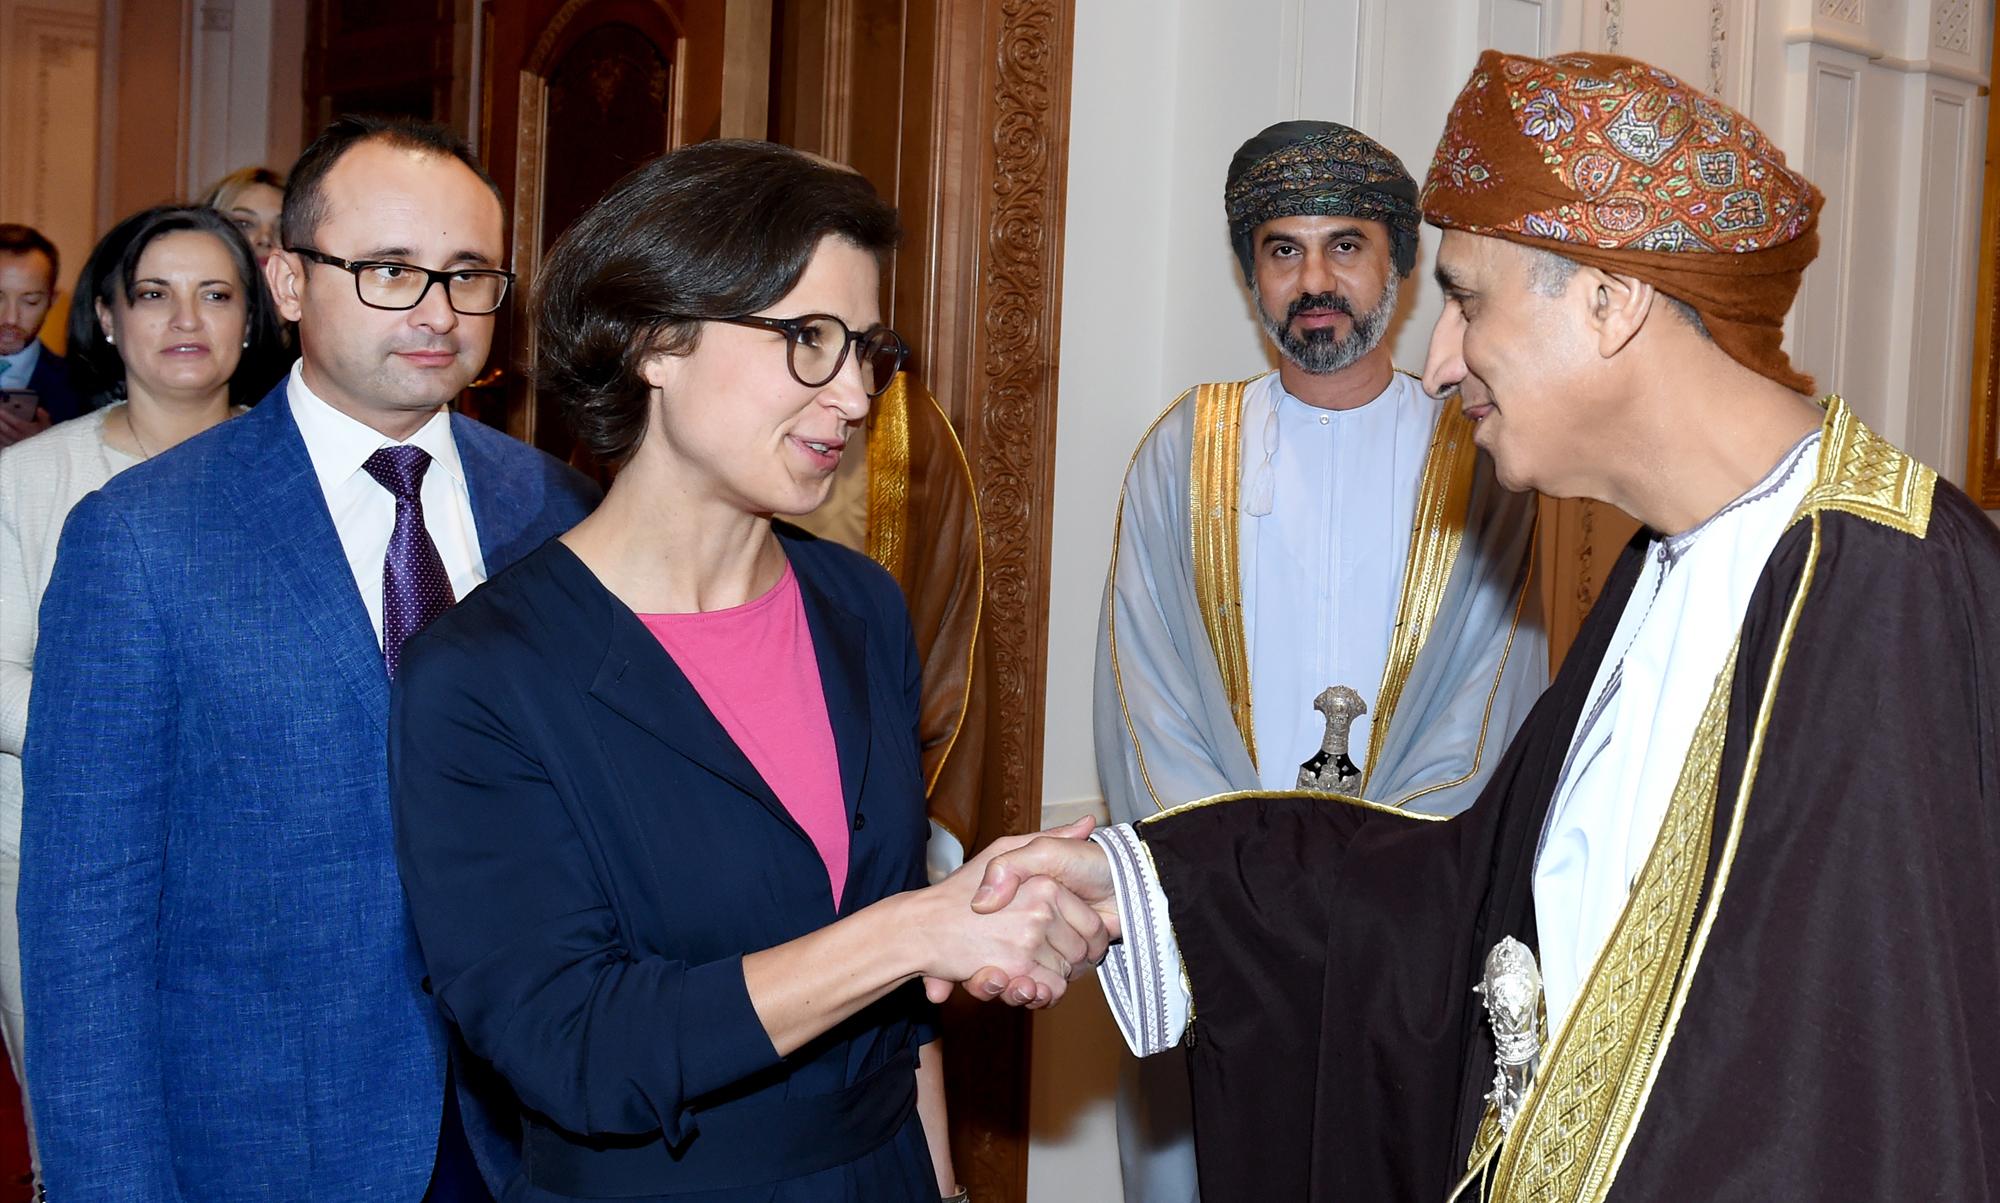 السيد فهد يستقبل رئيسة وفد العلاقات مع شبه الجزيرة العربية في البرلمان الأوروبي